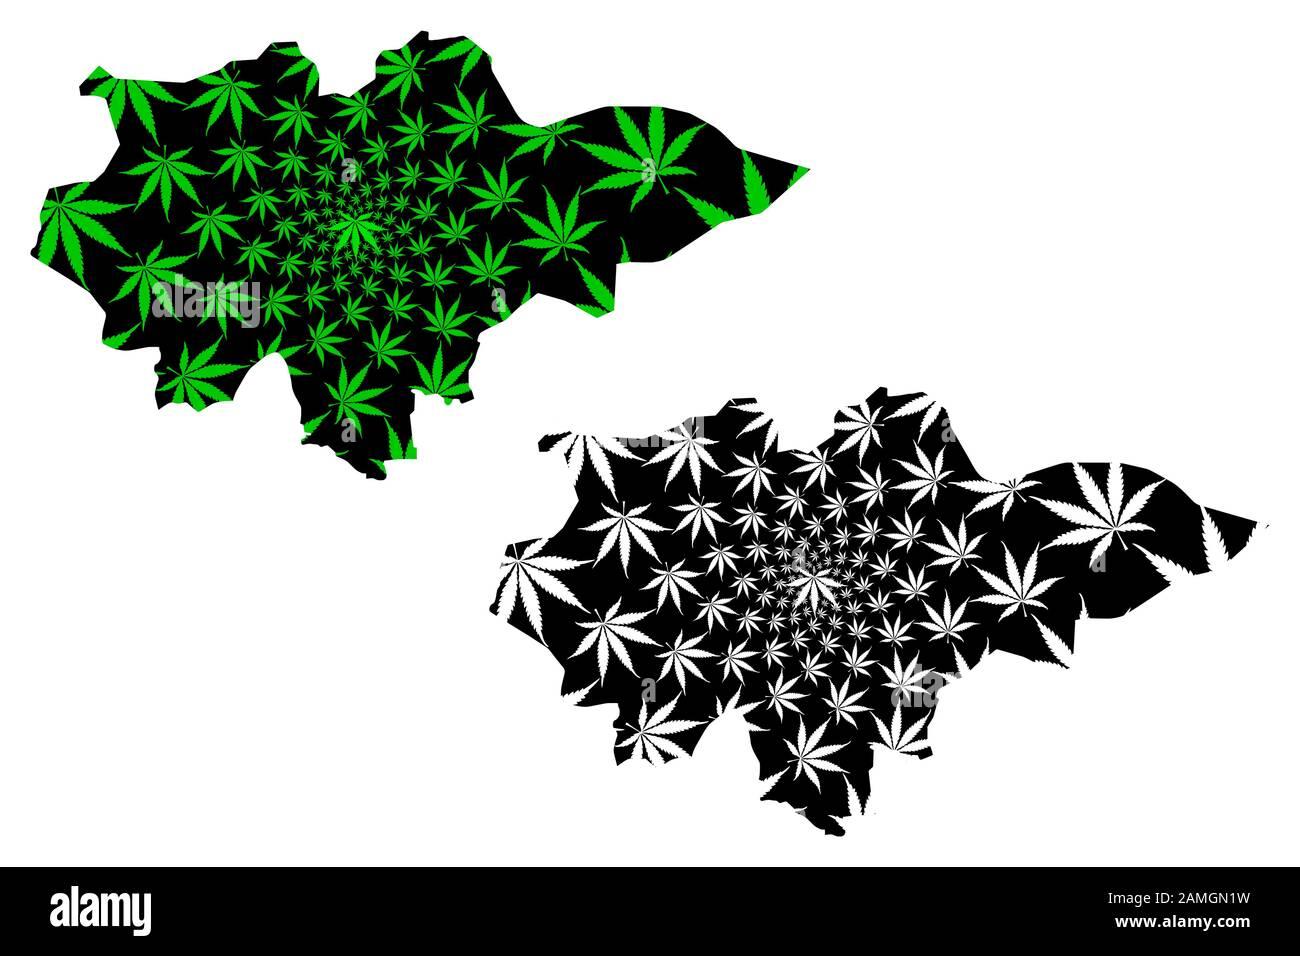 Región de Mopti (regiones de Mali, República de Mali) mapa está diseñado hoja de cannabis verde y negro, Mopti mapa hecho de marihuana (marihuana, THC) follaje Ilustración del Vector